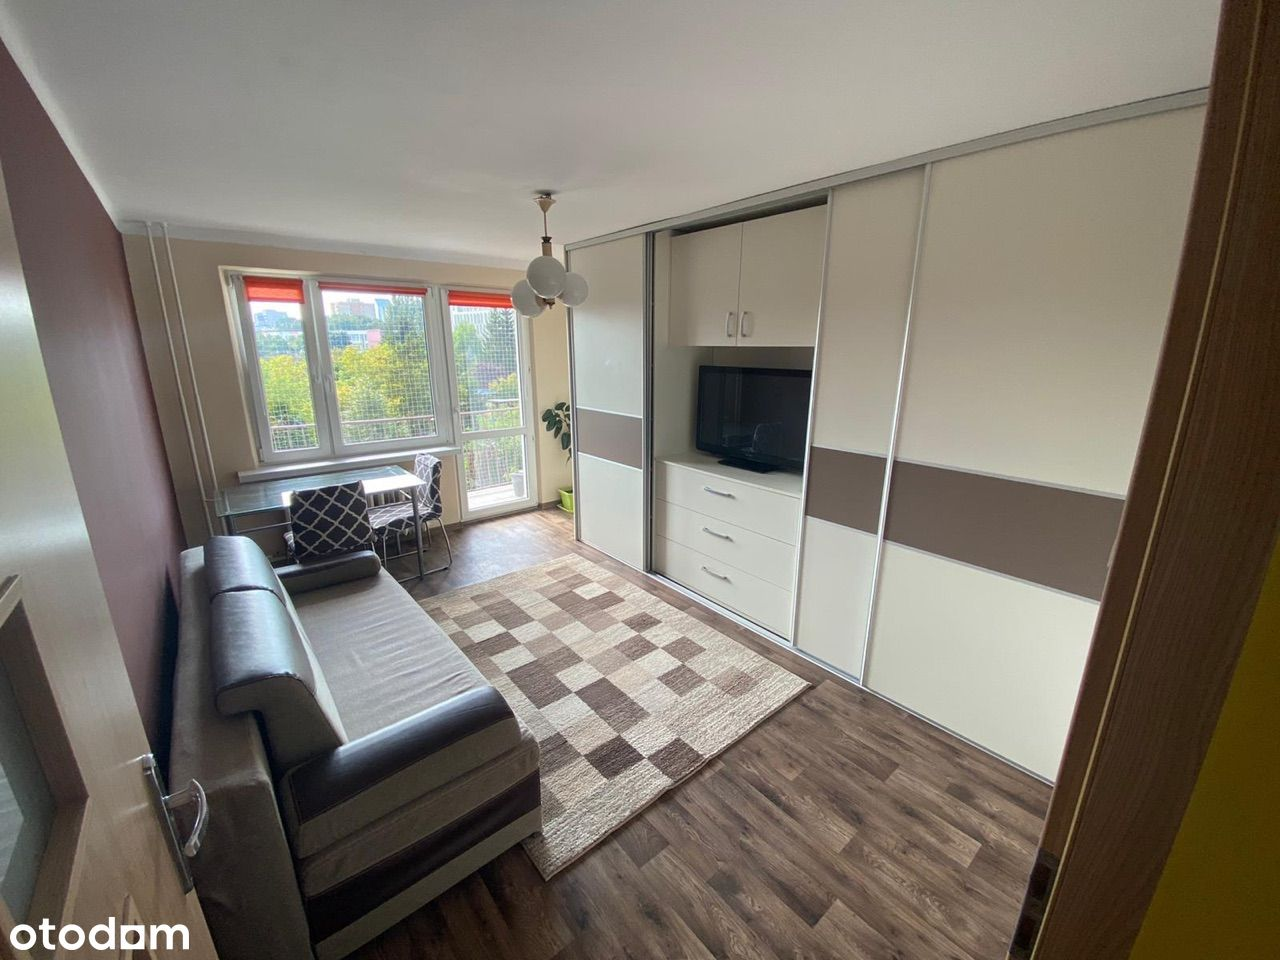 Mogilska 41m2 - 2 pokoje z osobną kuchnią + balkon